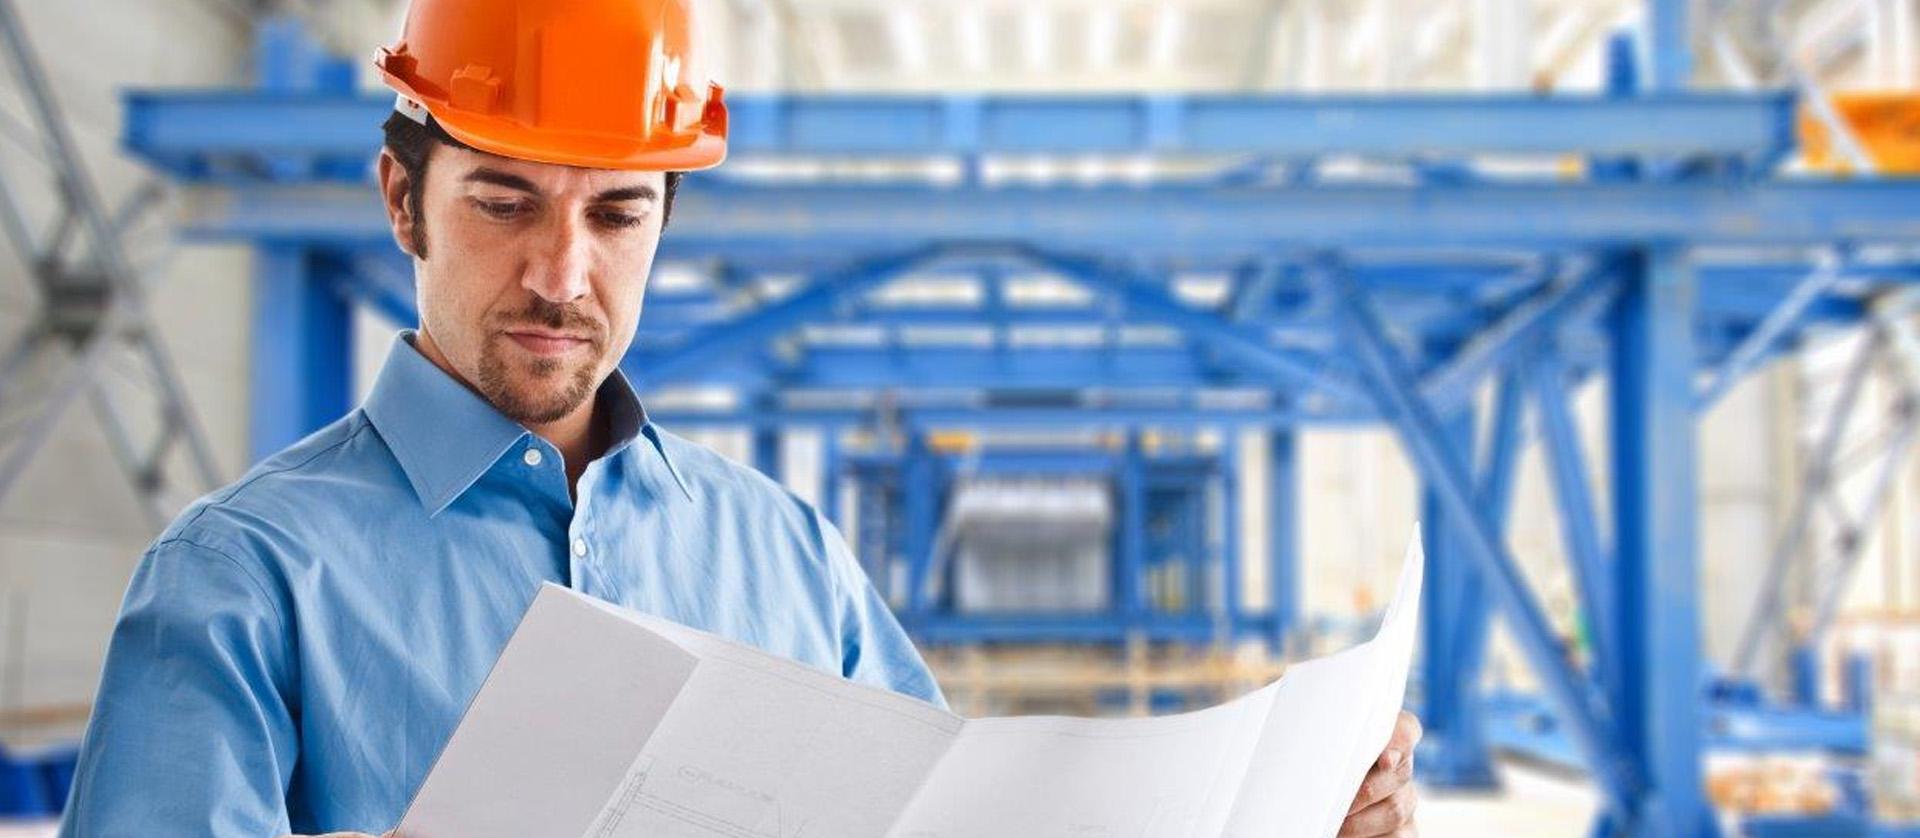 Обследование и техническое диагностирование зданий и сооружений, технических устройств